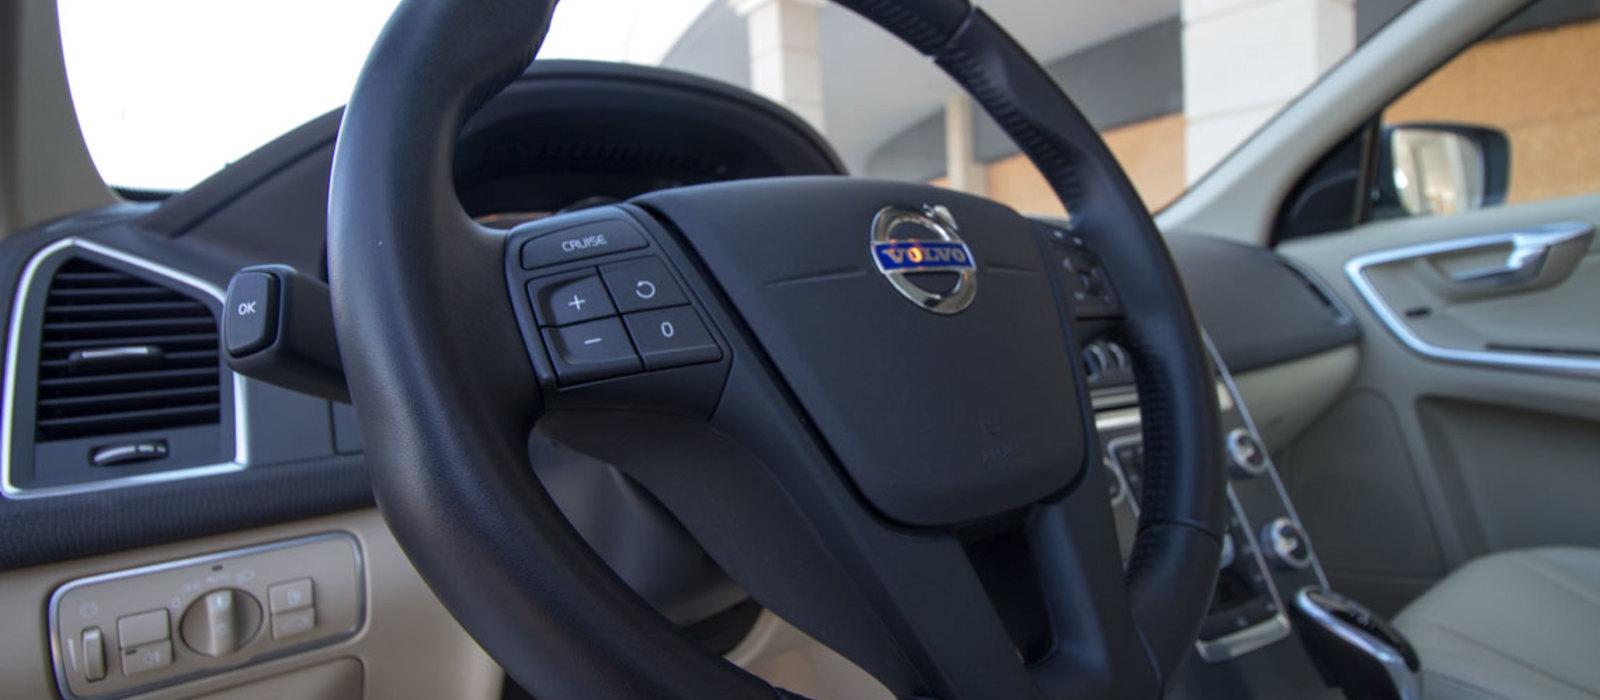 ikinci el araba 2016 Volvo XC 60 2.0 D4 Advance Dizel Otomatik 31240 KM 5